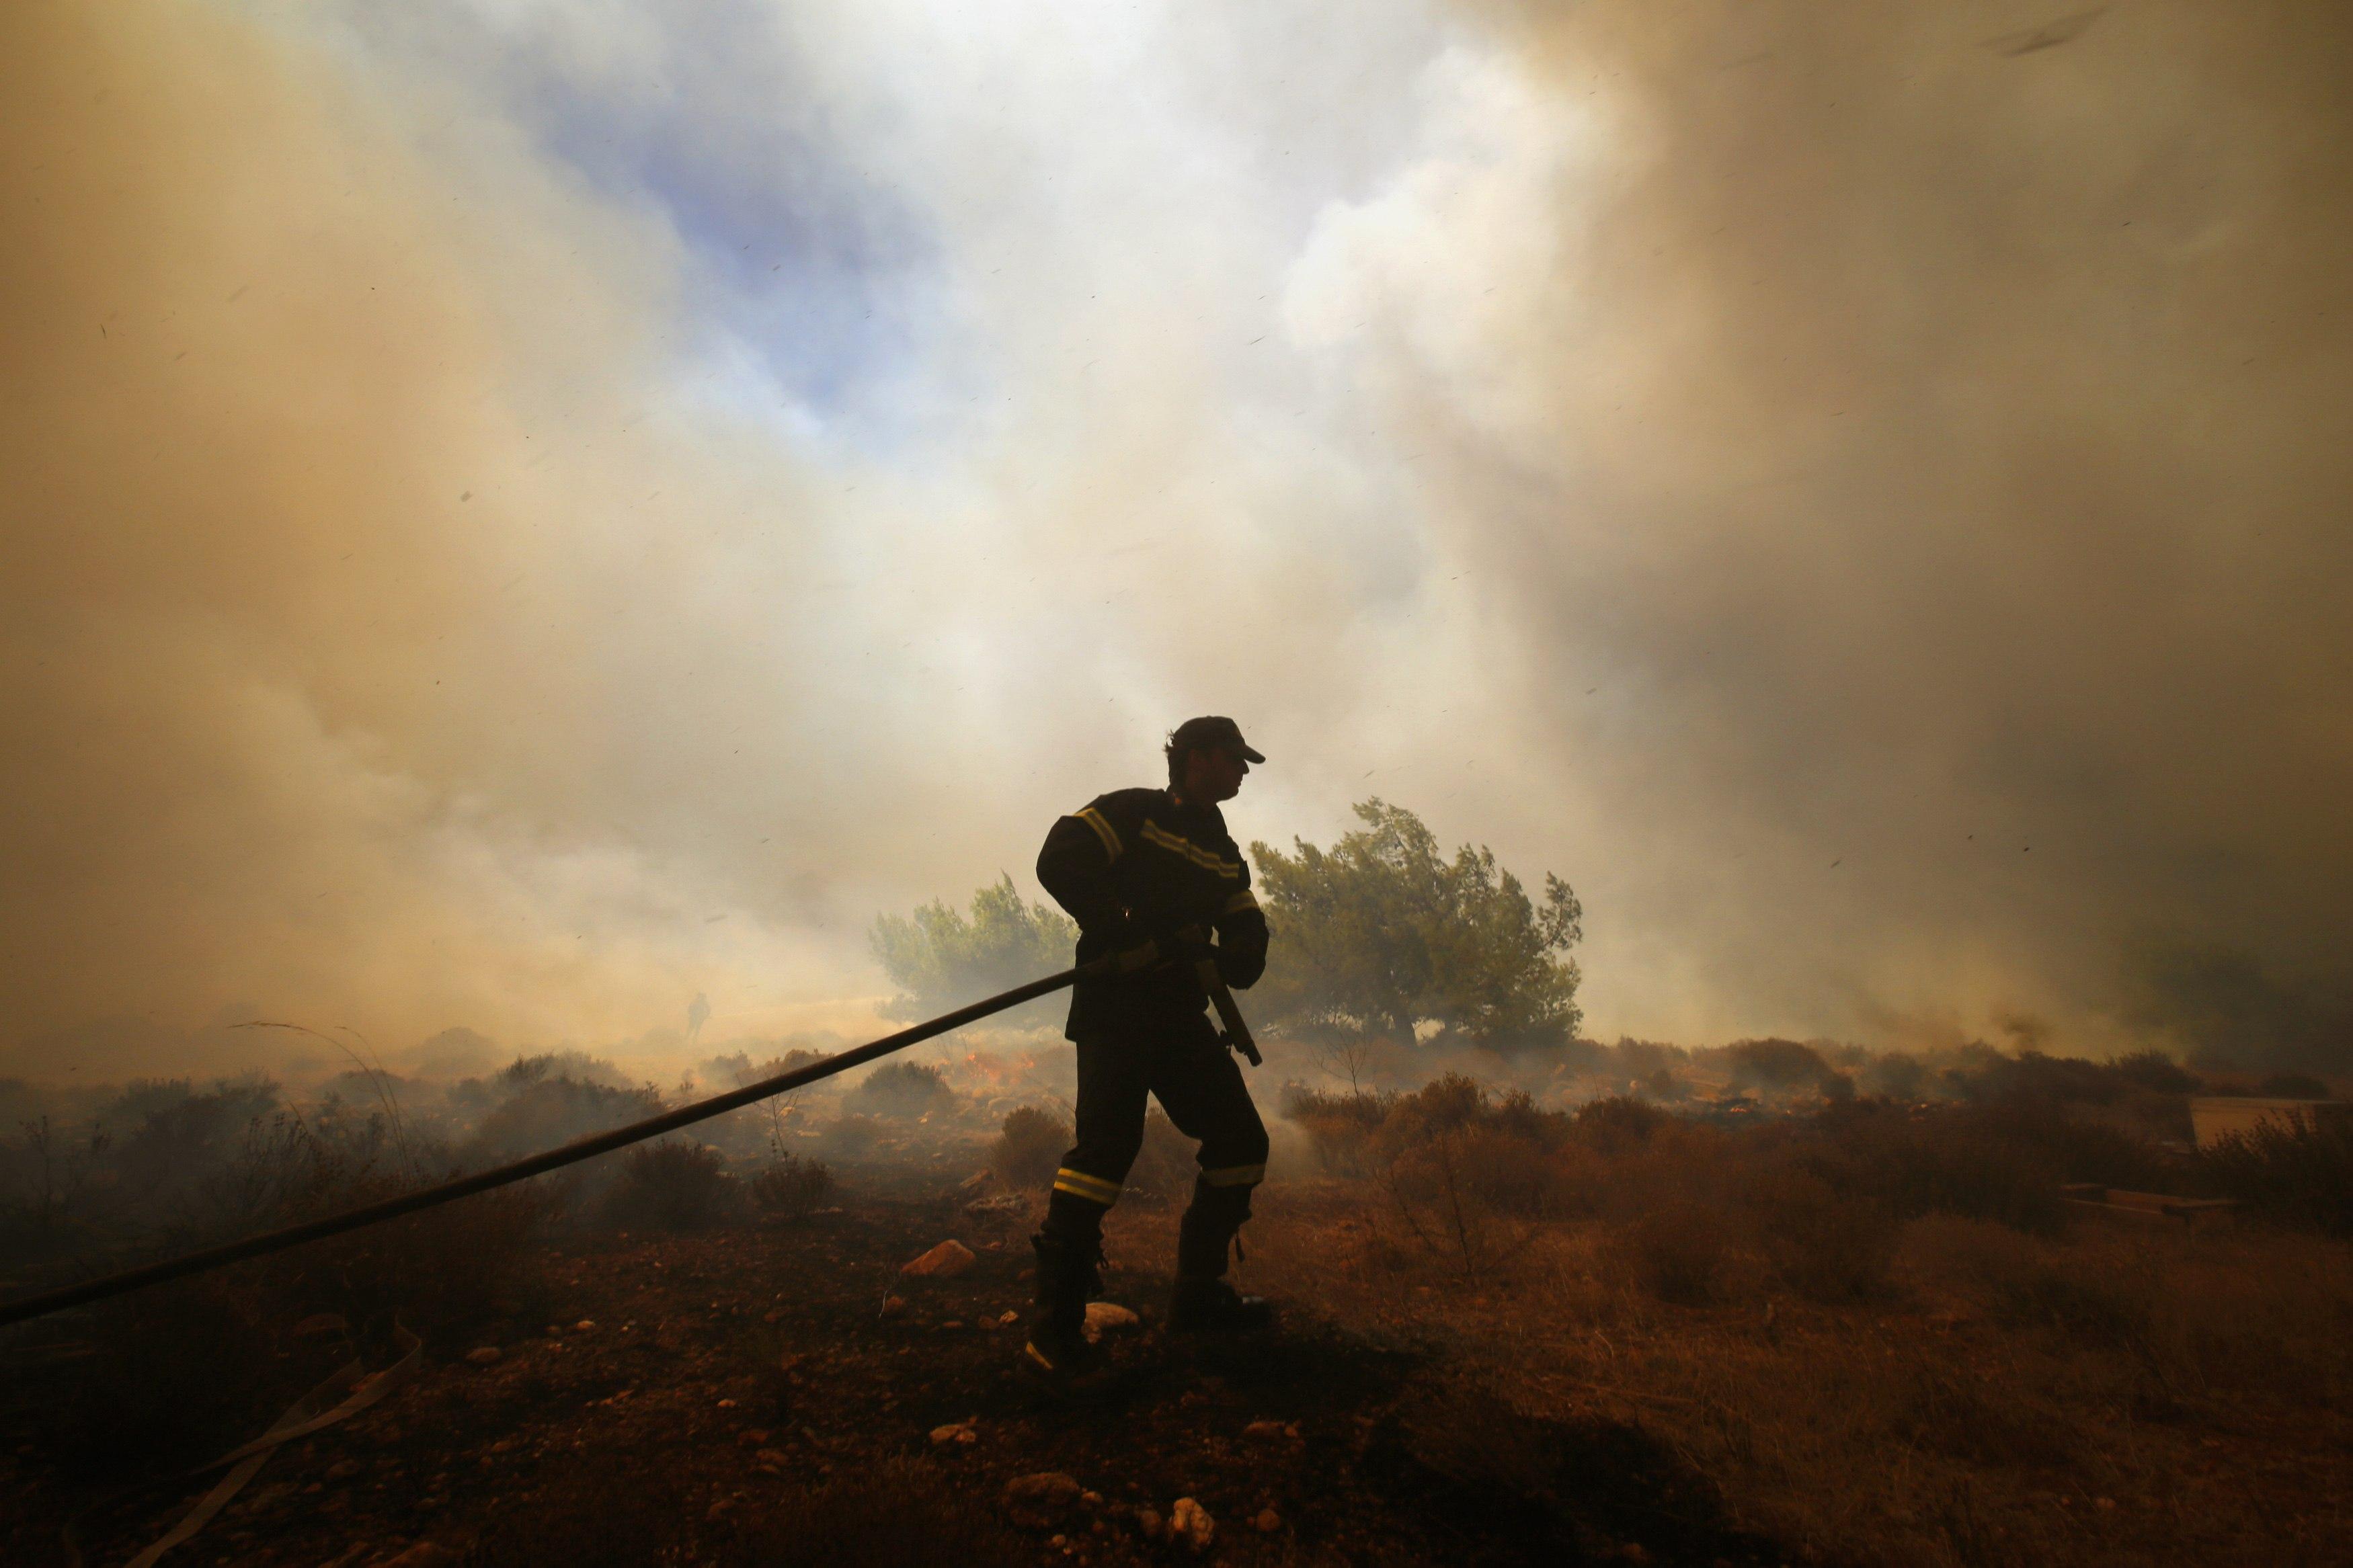 Φωτιά στον Παρνασσό – Εκκενώθηκαν κατασκηνώσεις